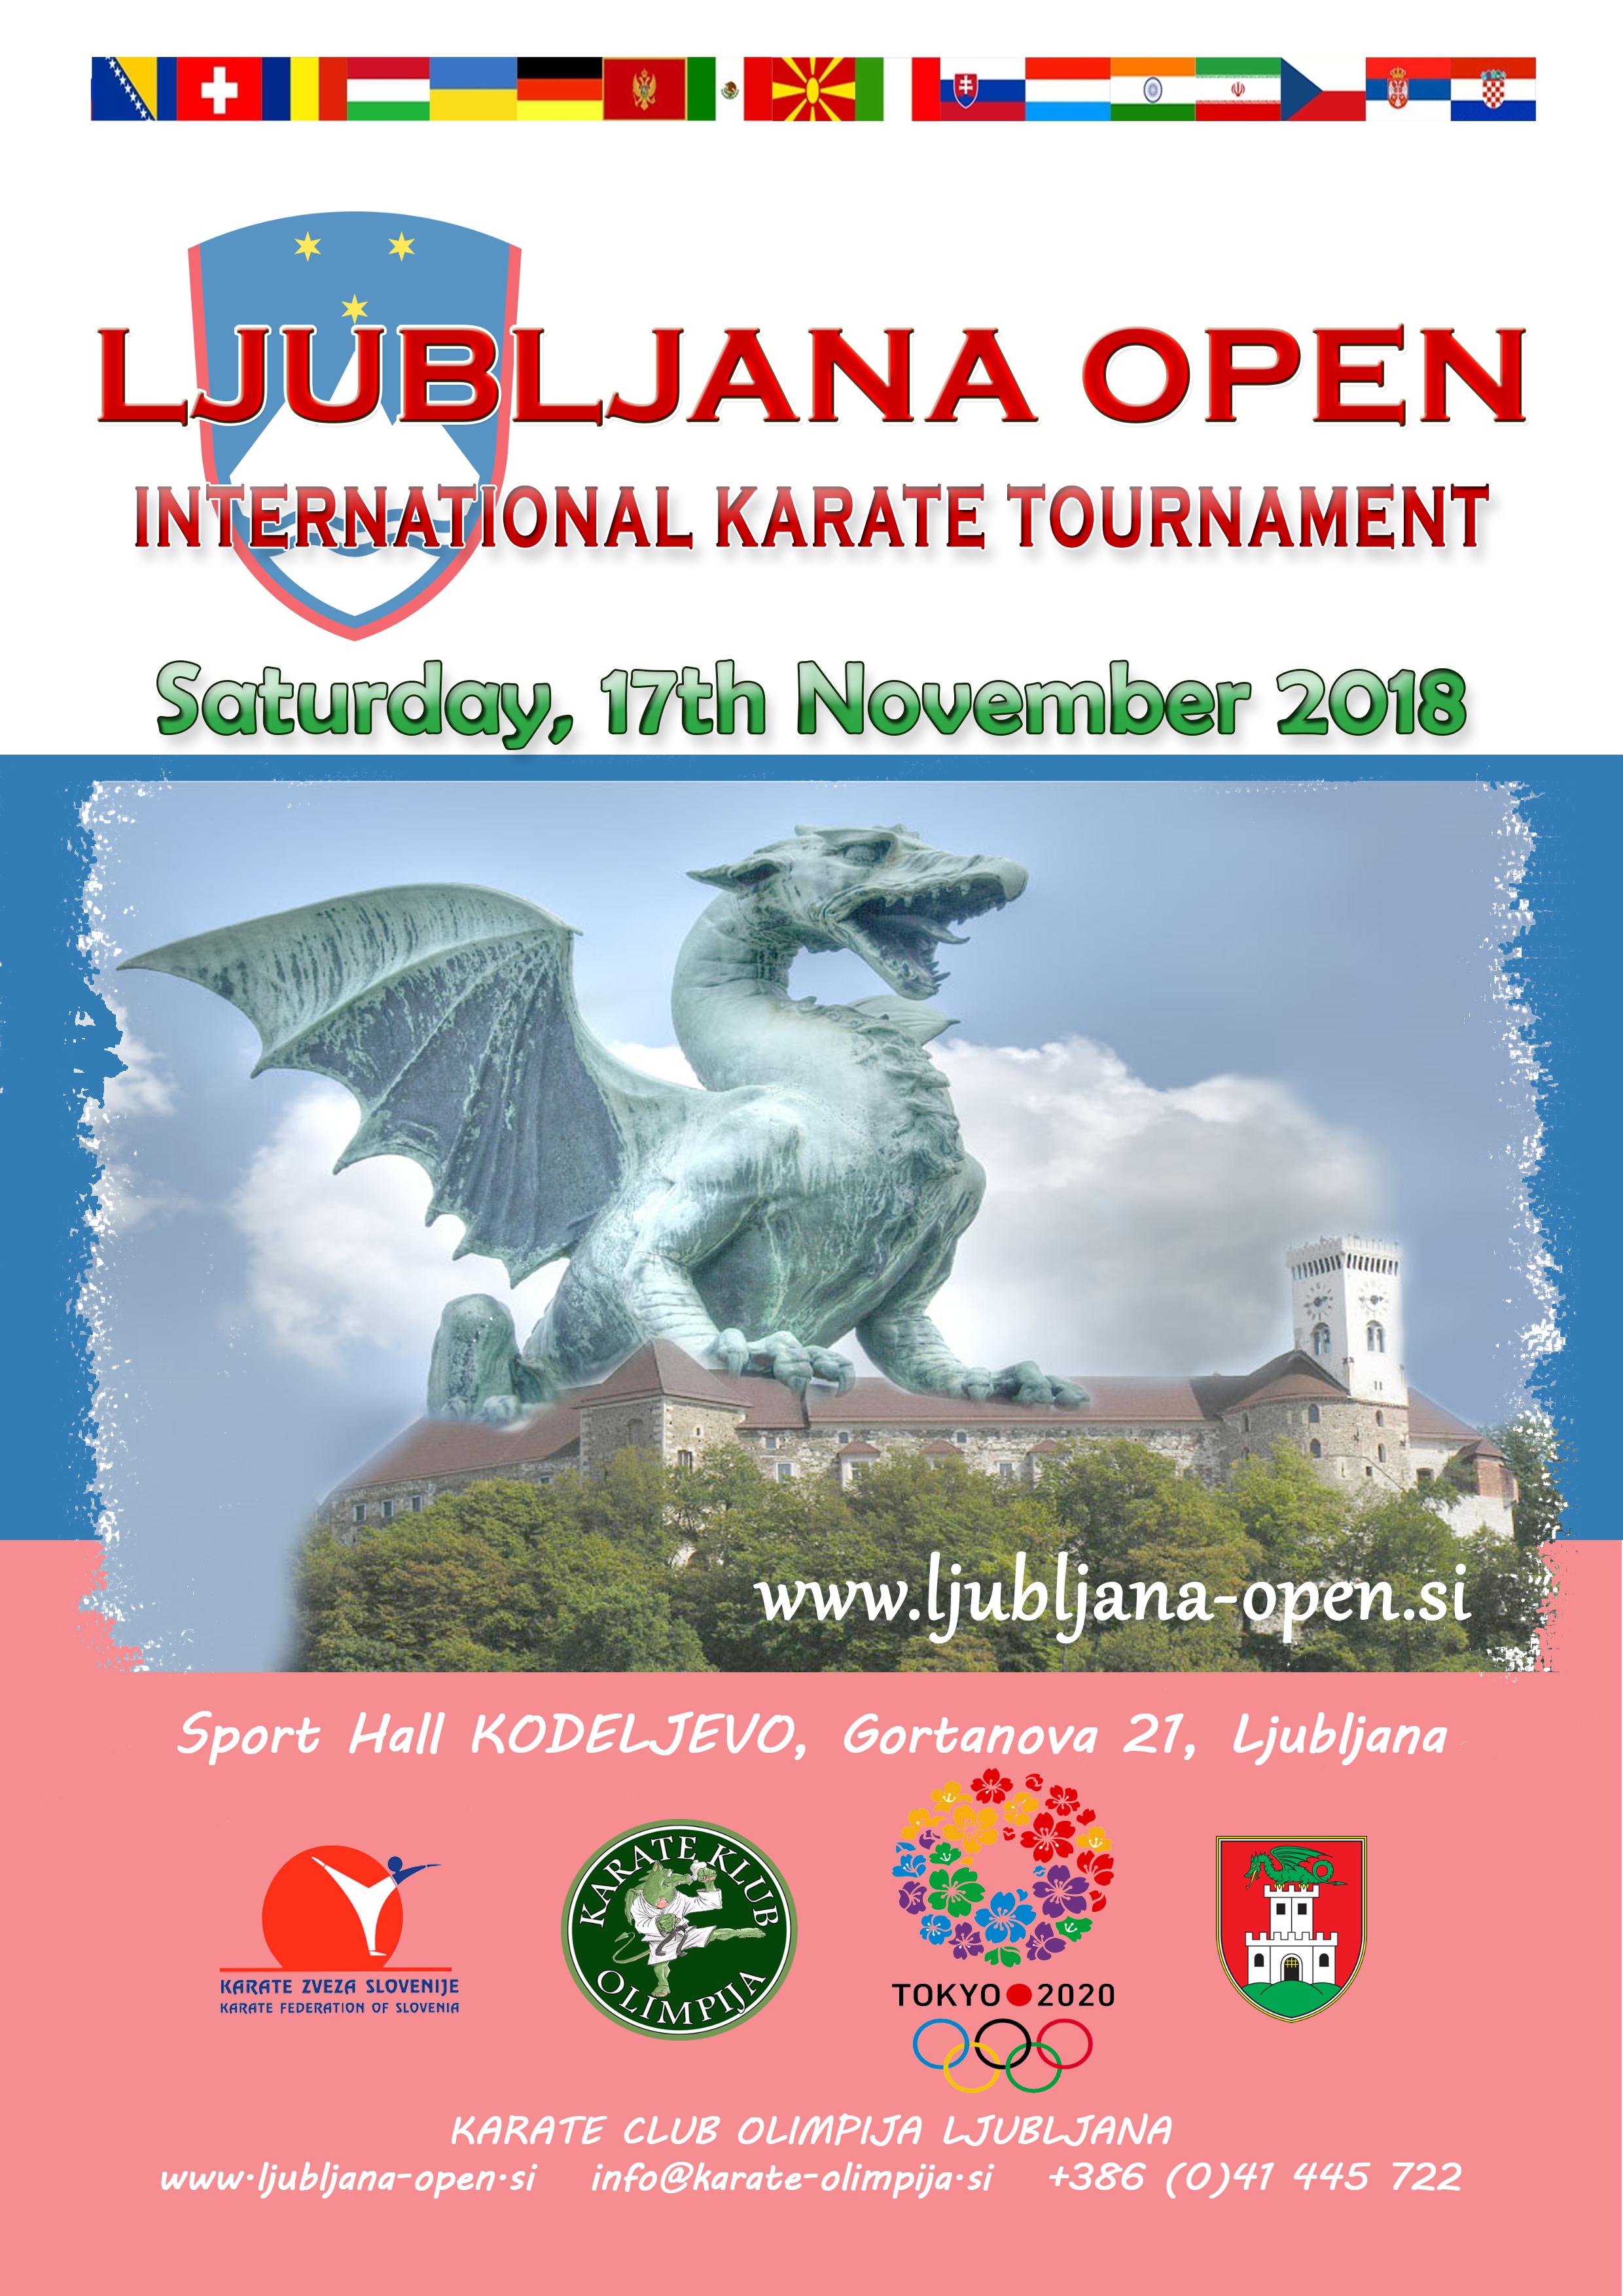 e-Karate.si - LJUBLJANA OPEN 2018 - Organizator : Karate Klub Olimpija Ljubljana